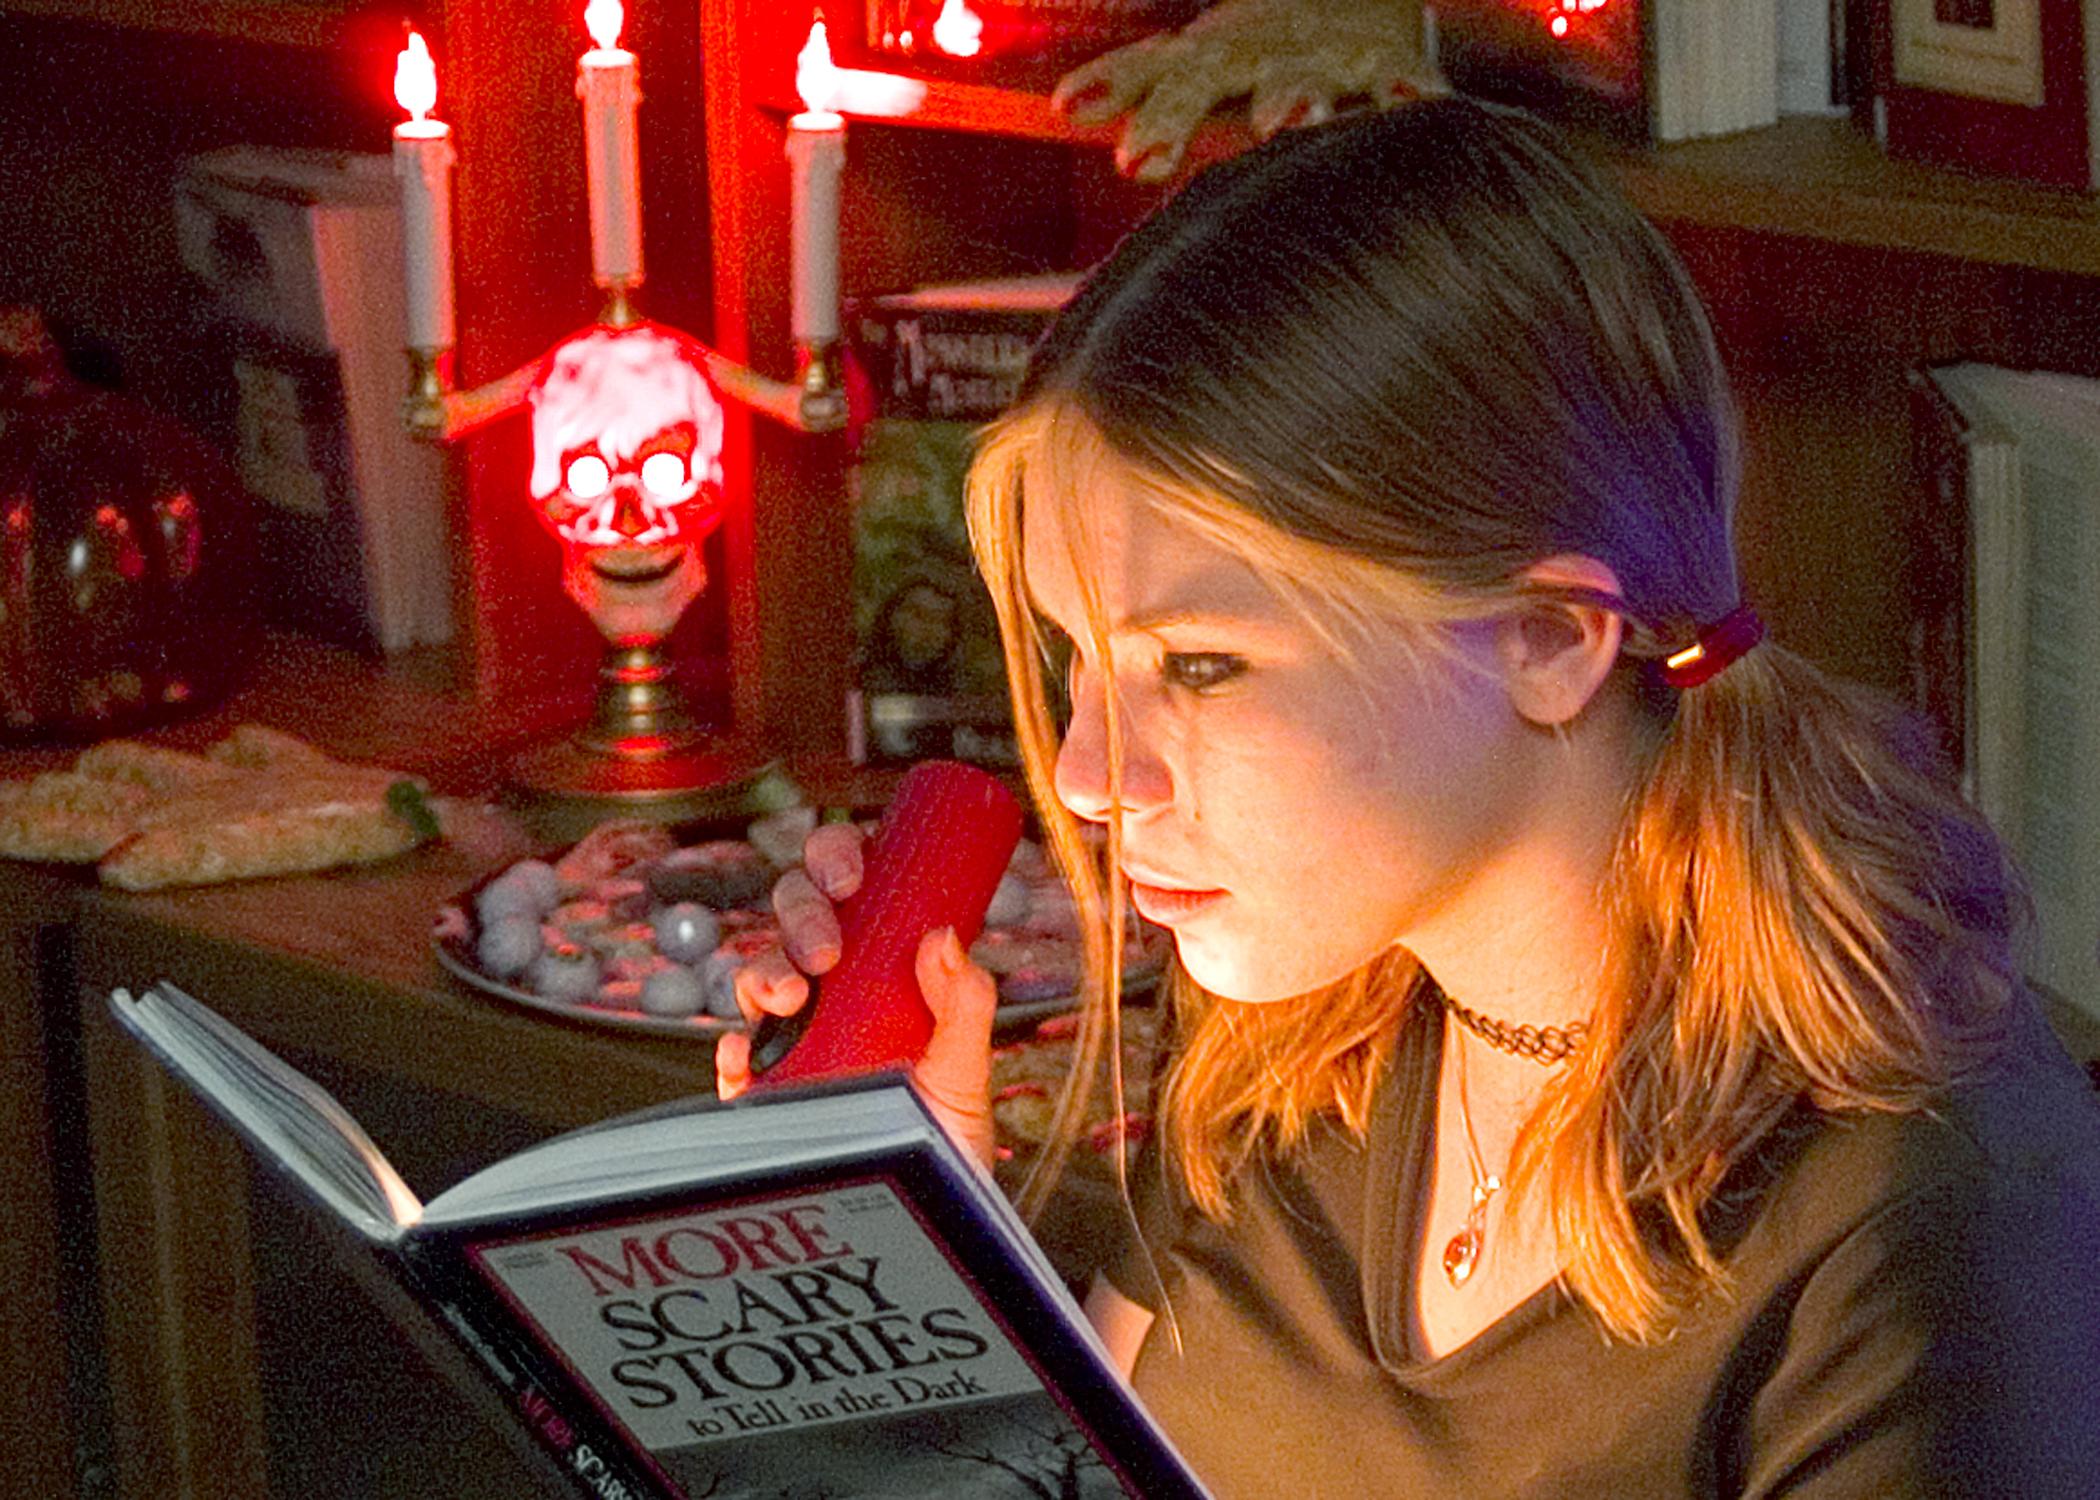 Haunted reading room spooks teens